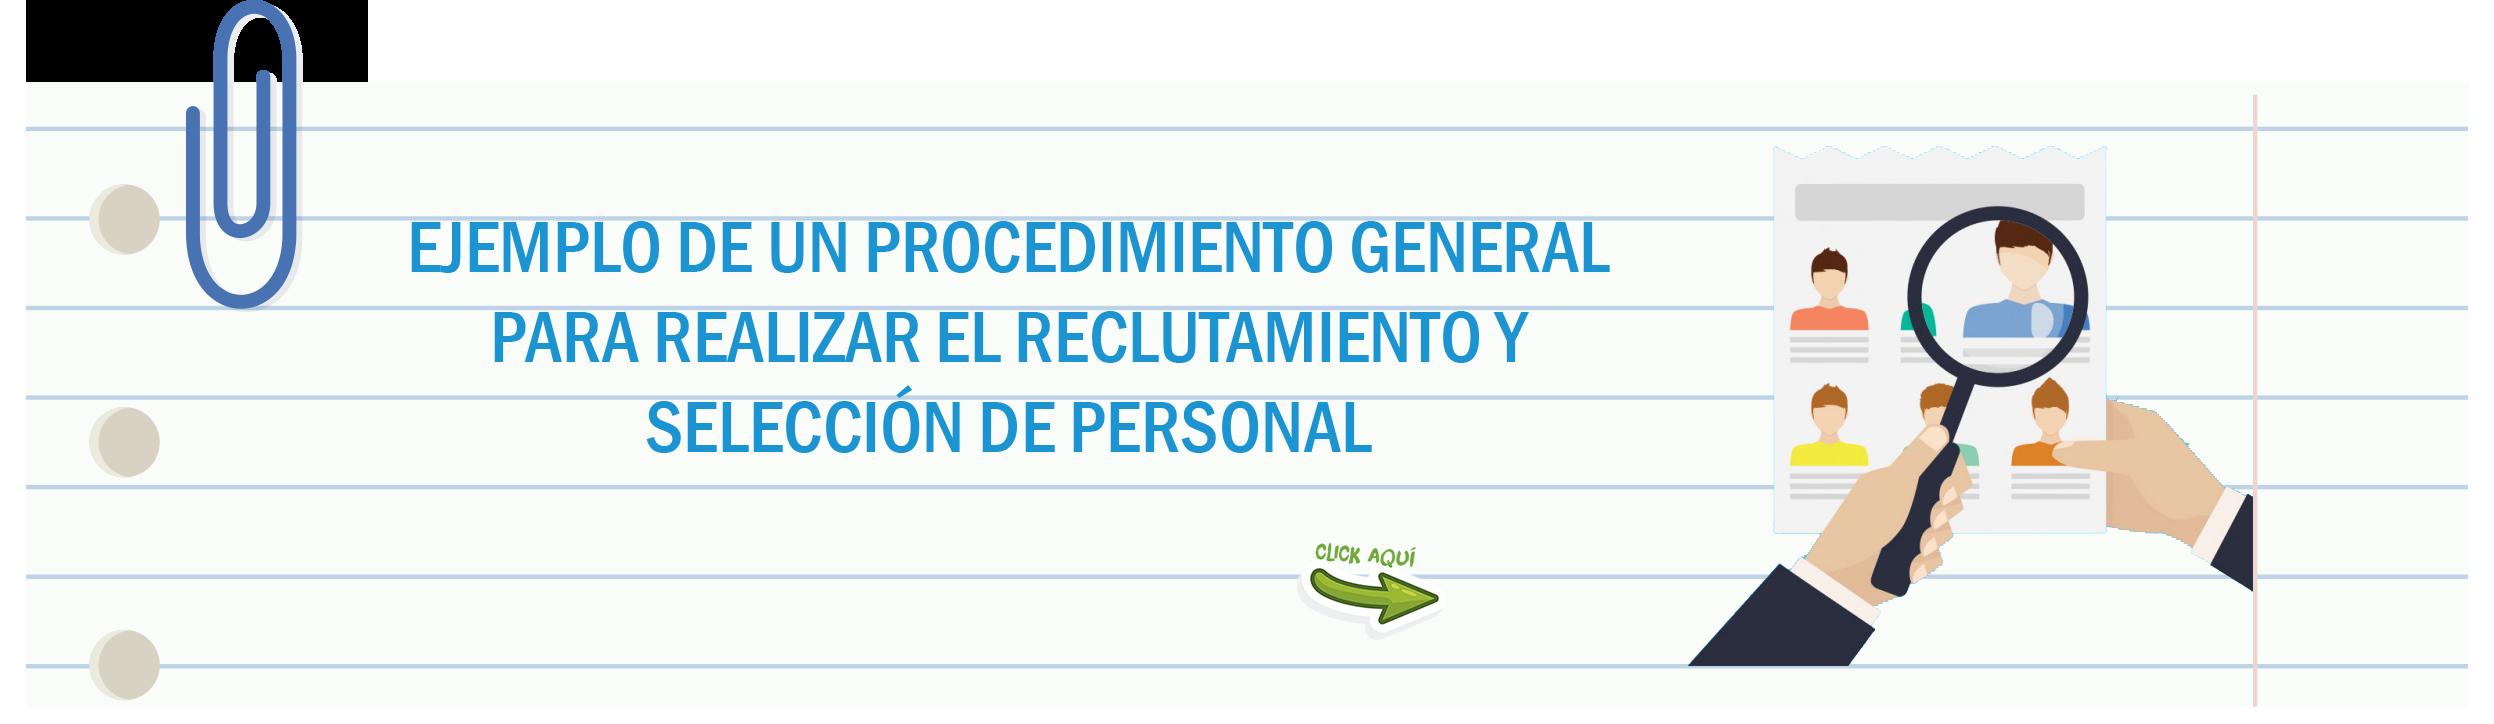 procedimiento_reclutamiento_seleccion_personal.png